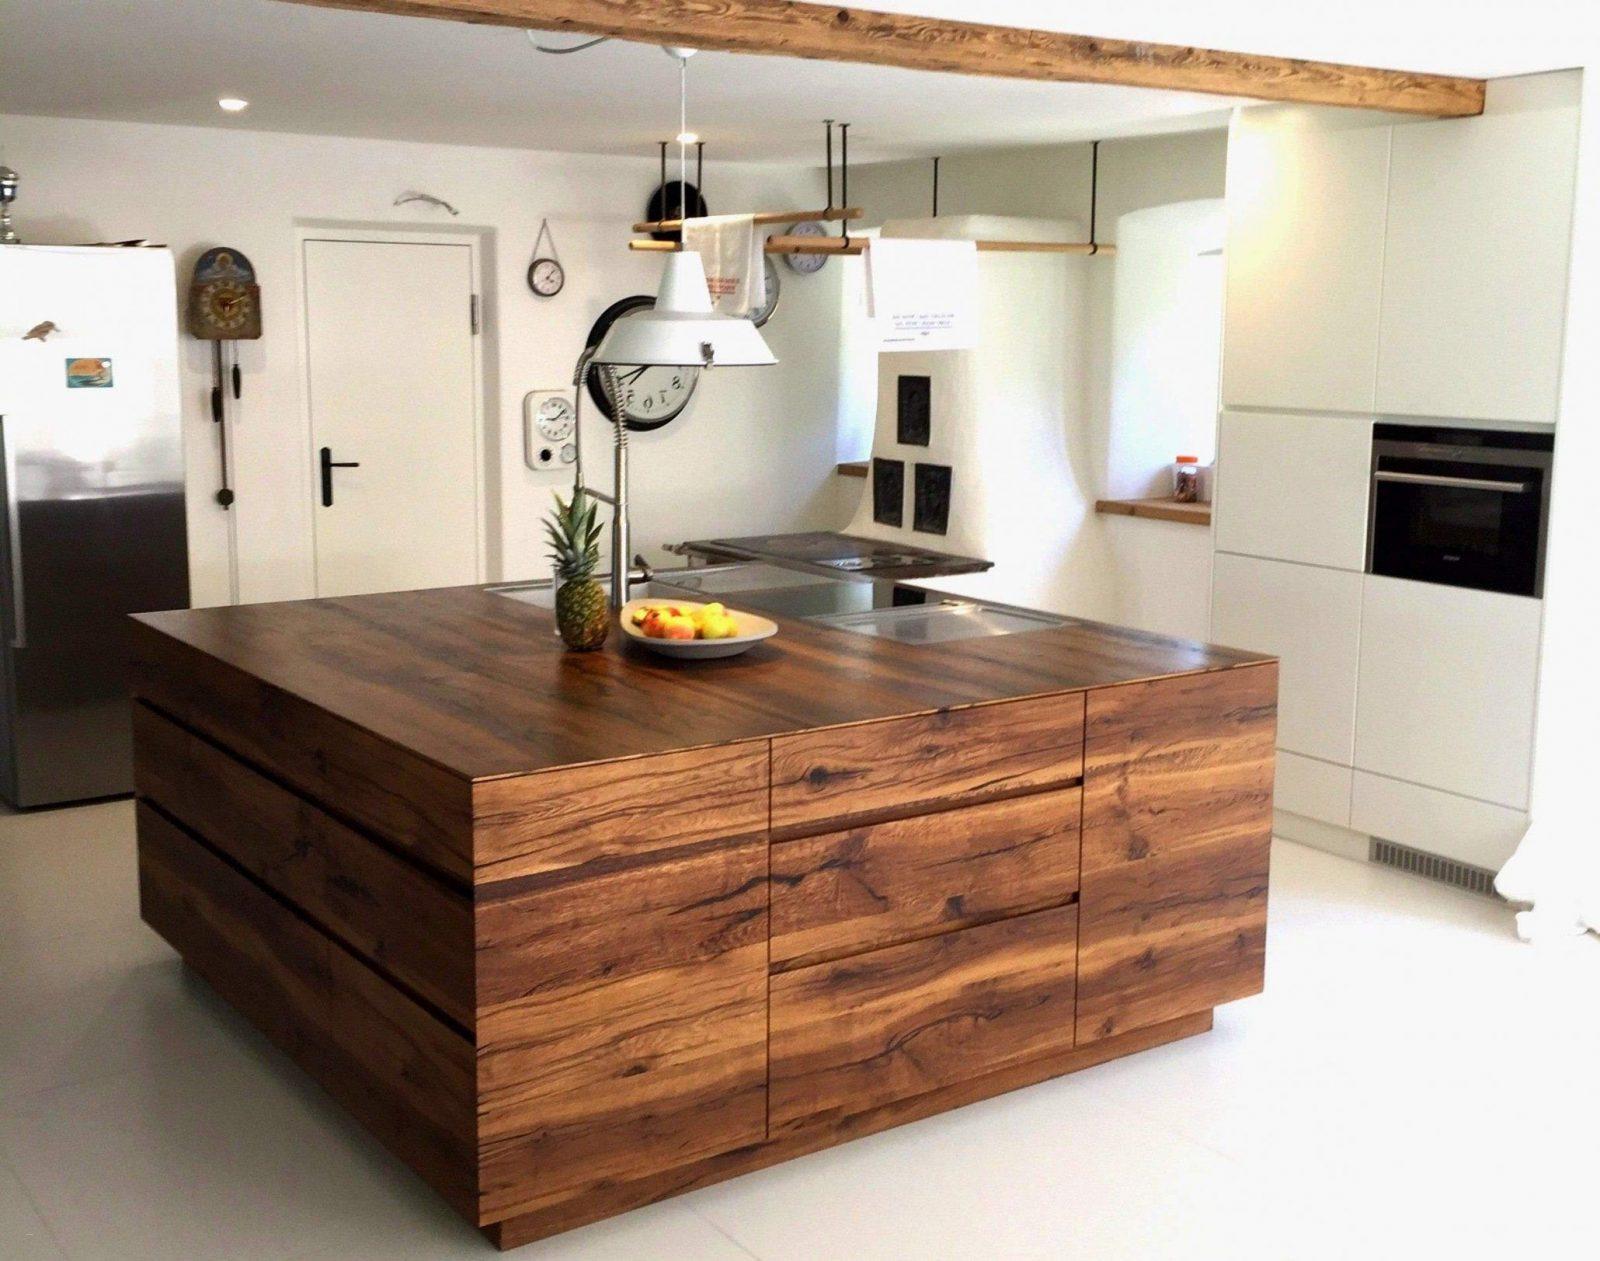 Schön Küche Eiche Rustikal  Haus Dekoration von Küche Eiche Rustikal Modernisieren Photo